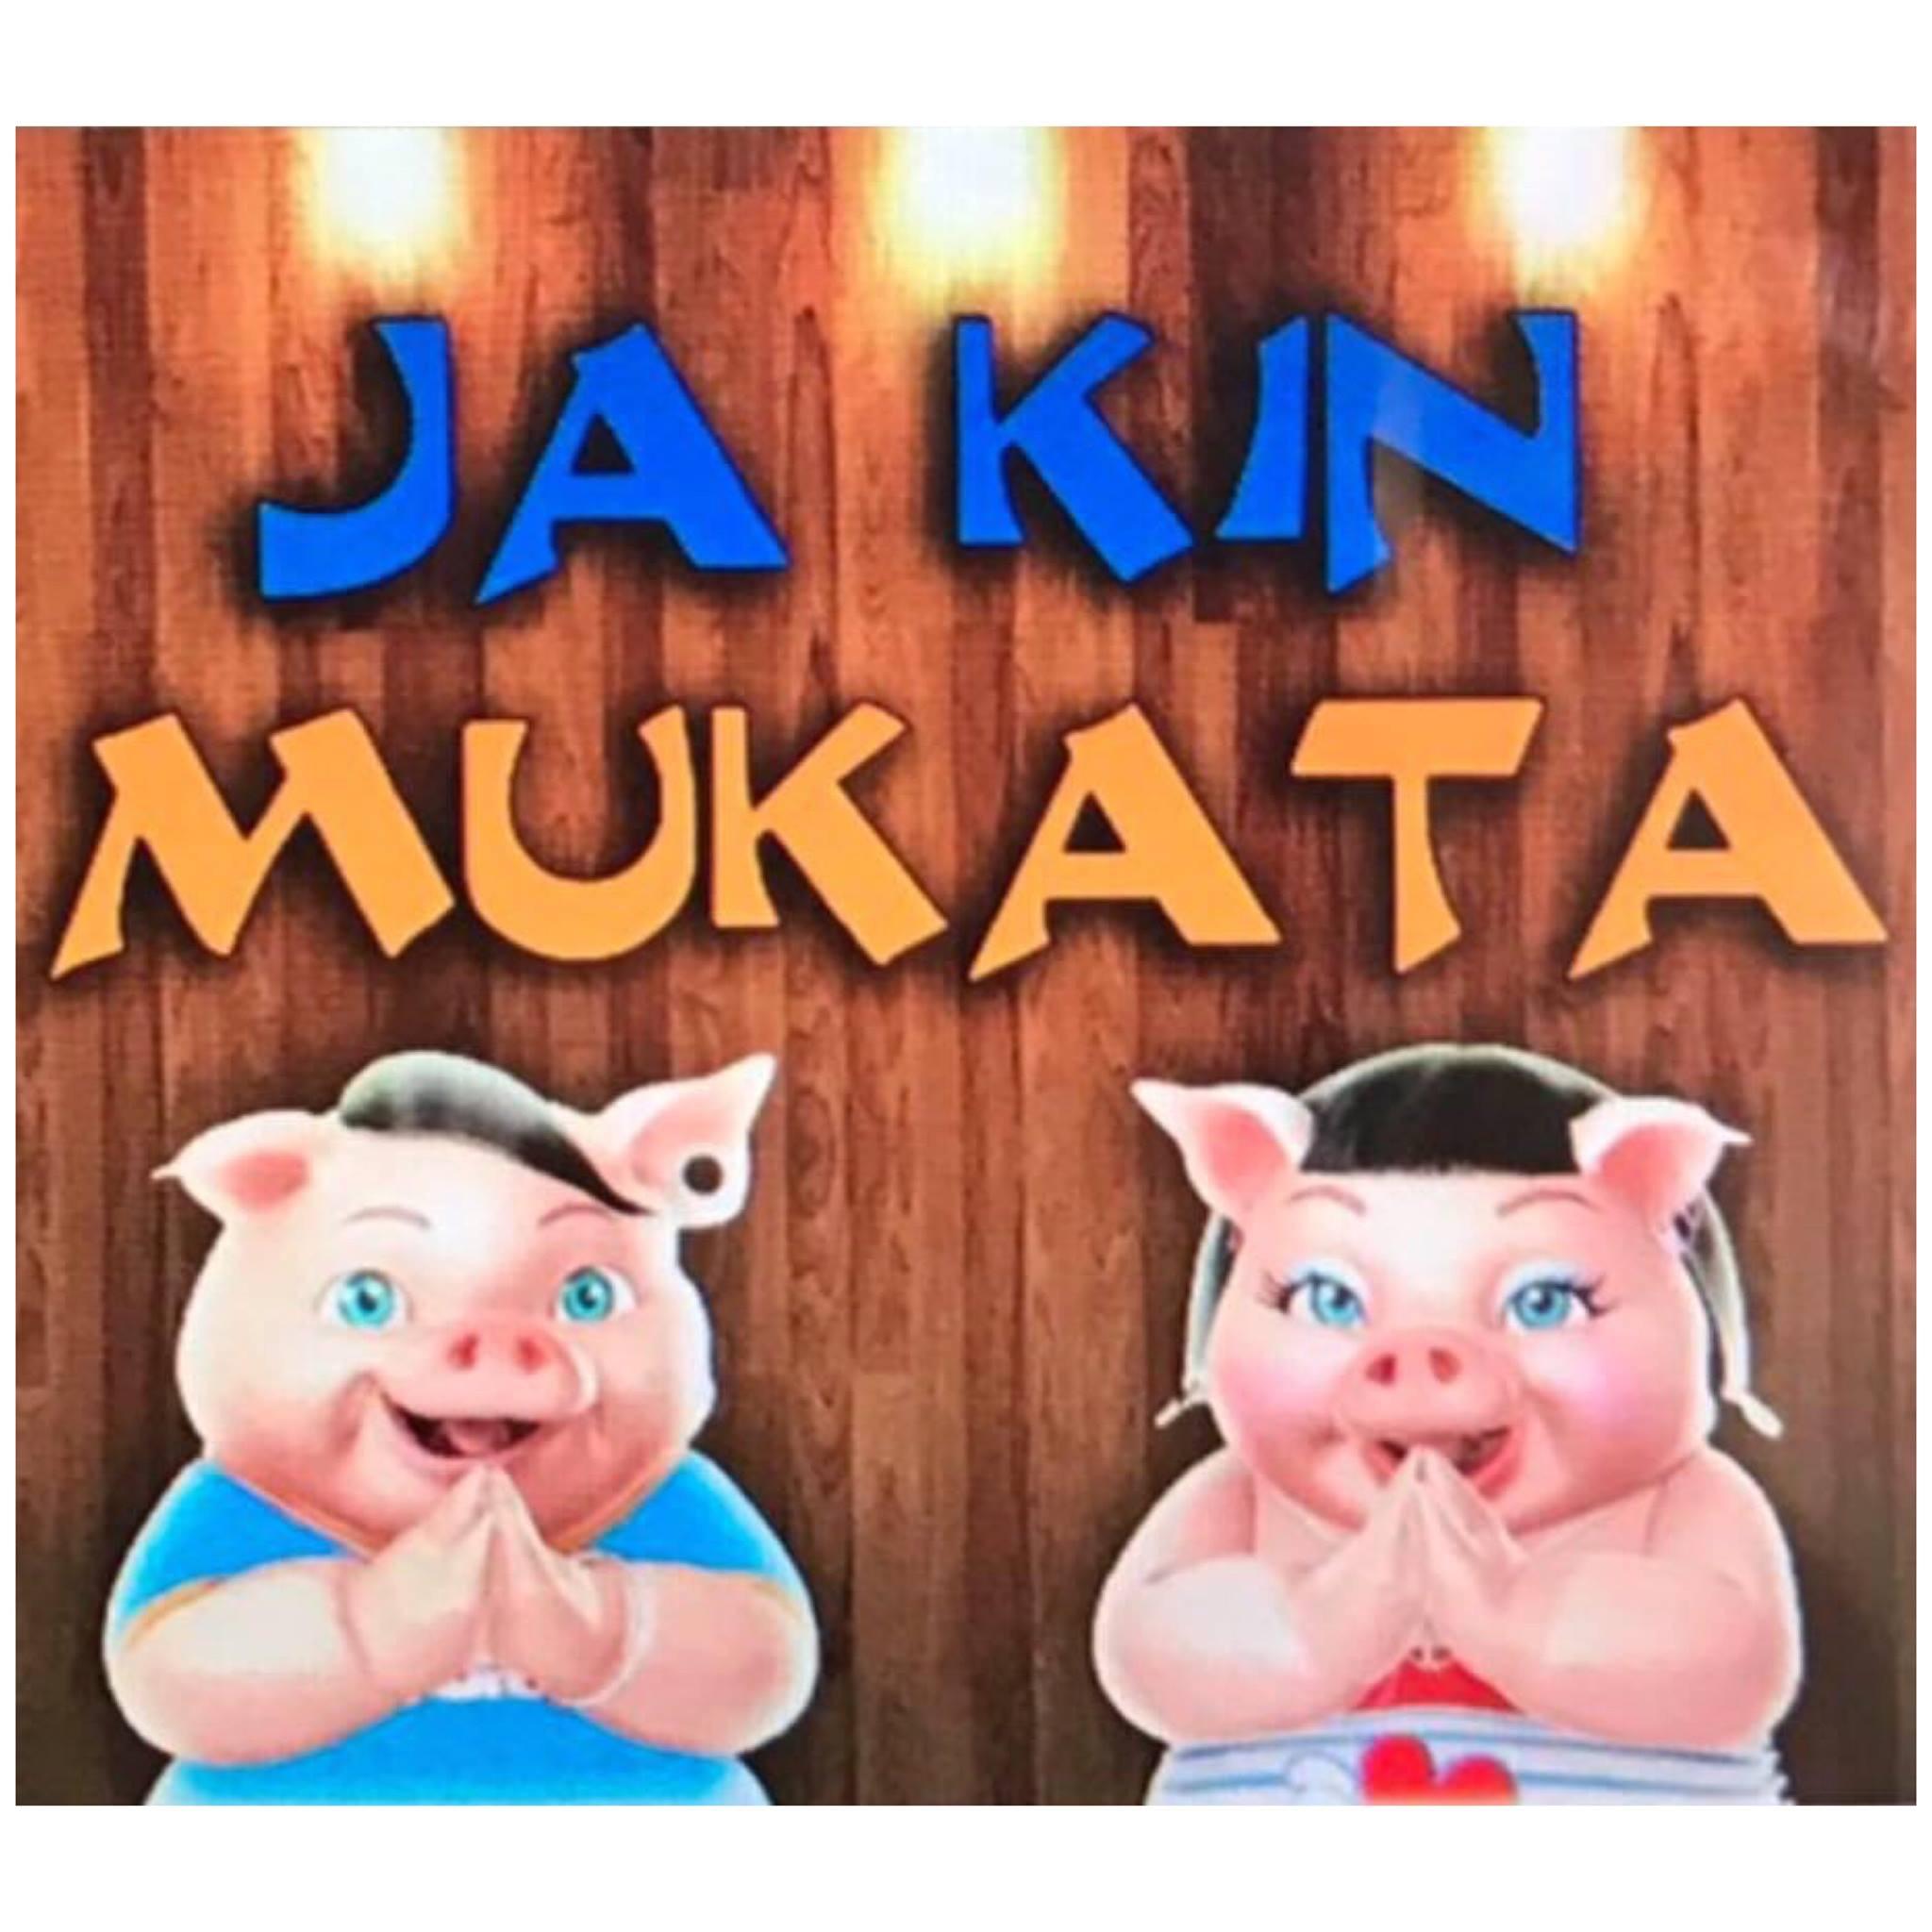 Ja Kin Mukata